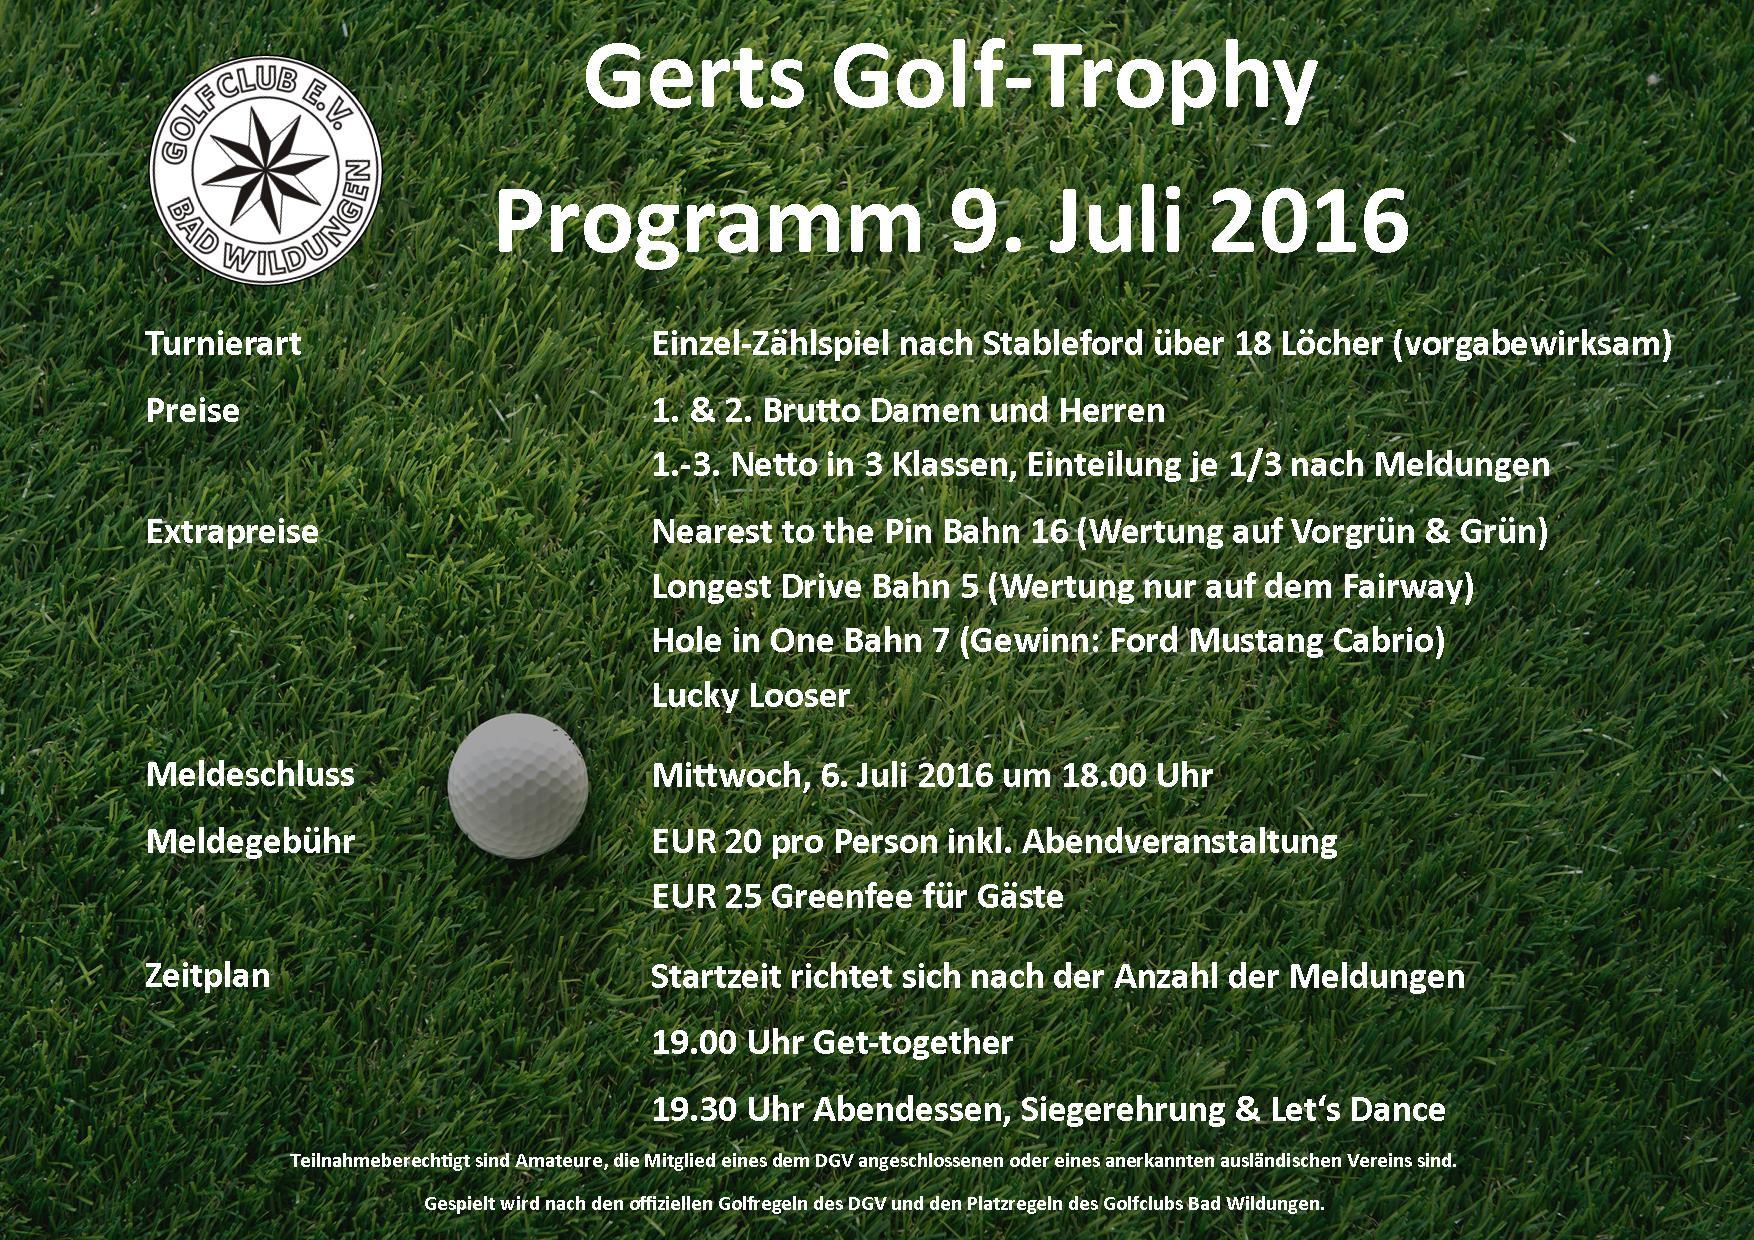 2016-06-04 Einladung Gerts Golf-Trophy 150dpi